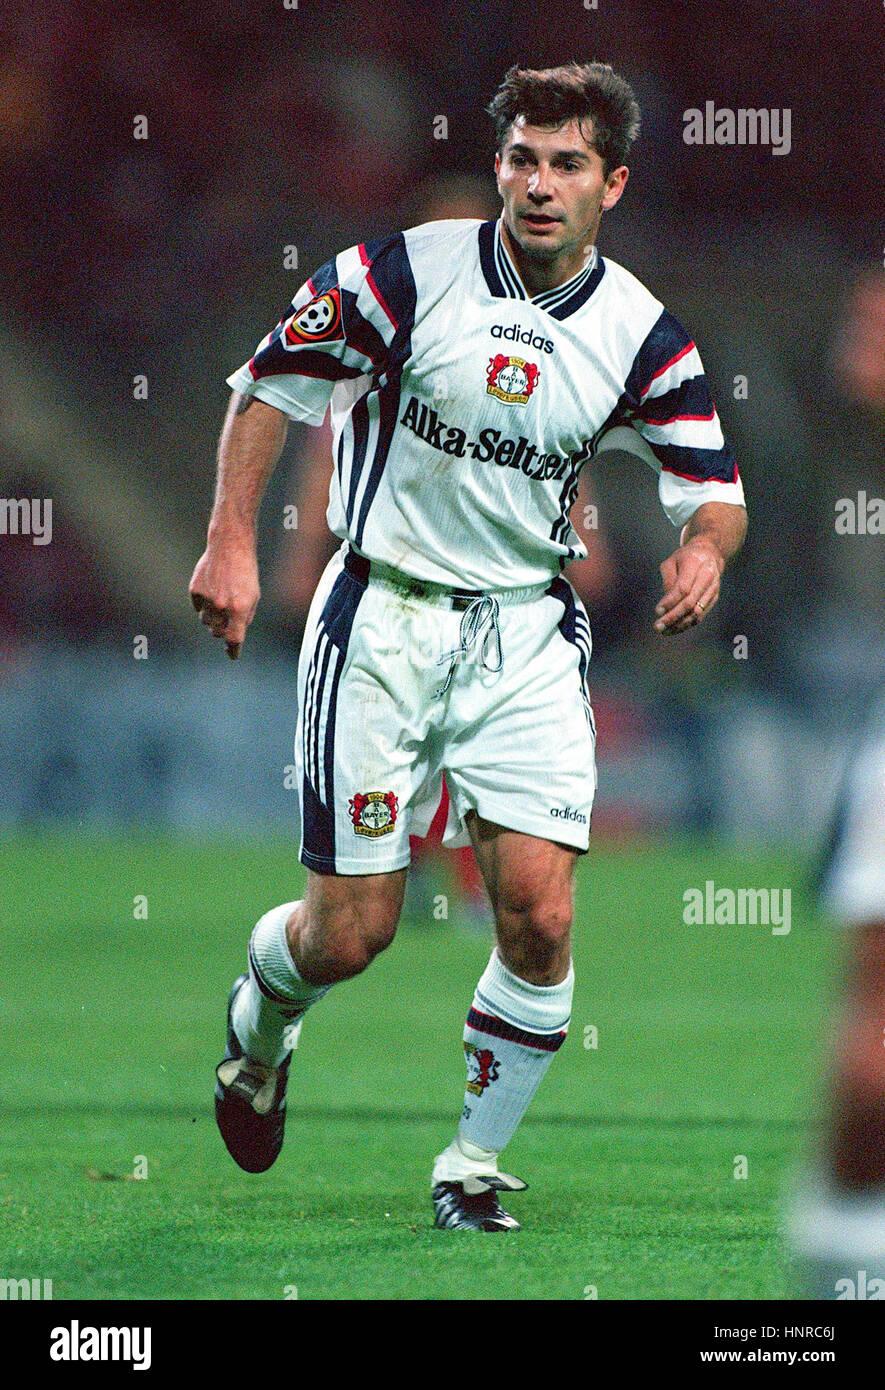 JAN HEINTZE TSV BAYER 04 LEVERKUSEN 04 November 1996 - Stock Image